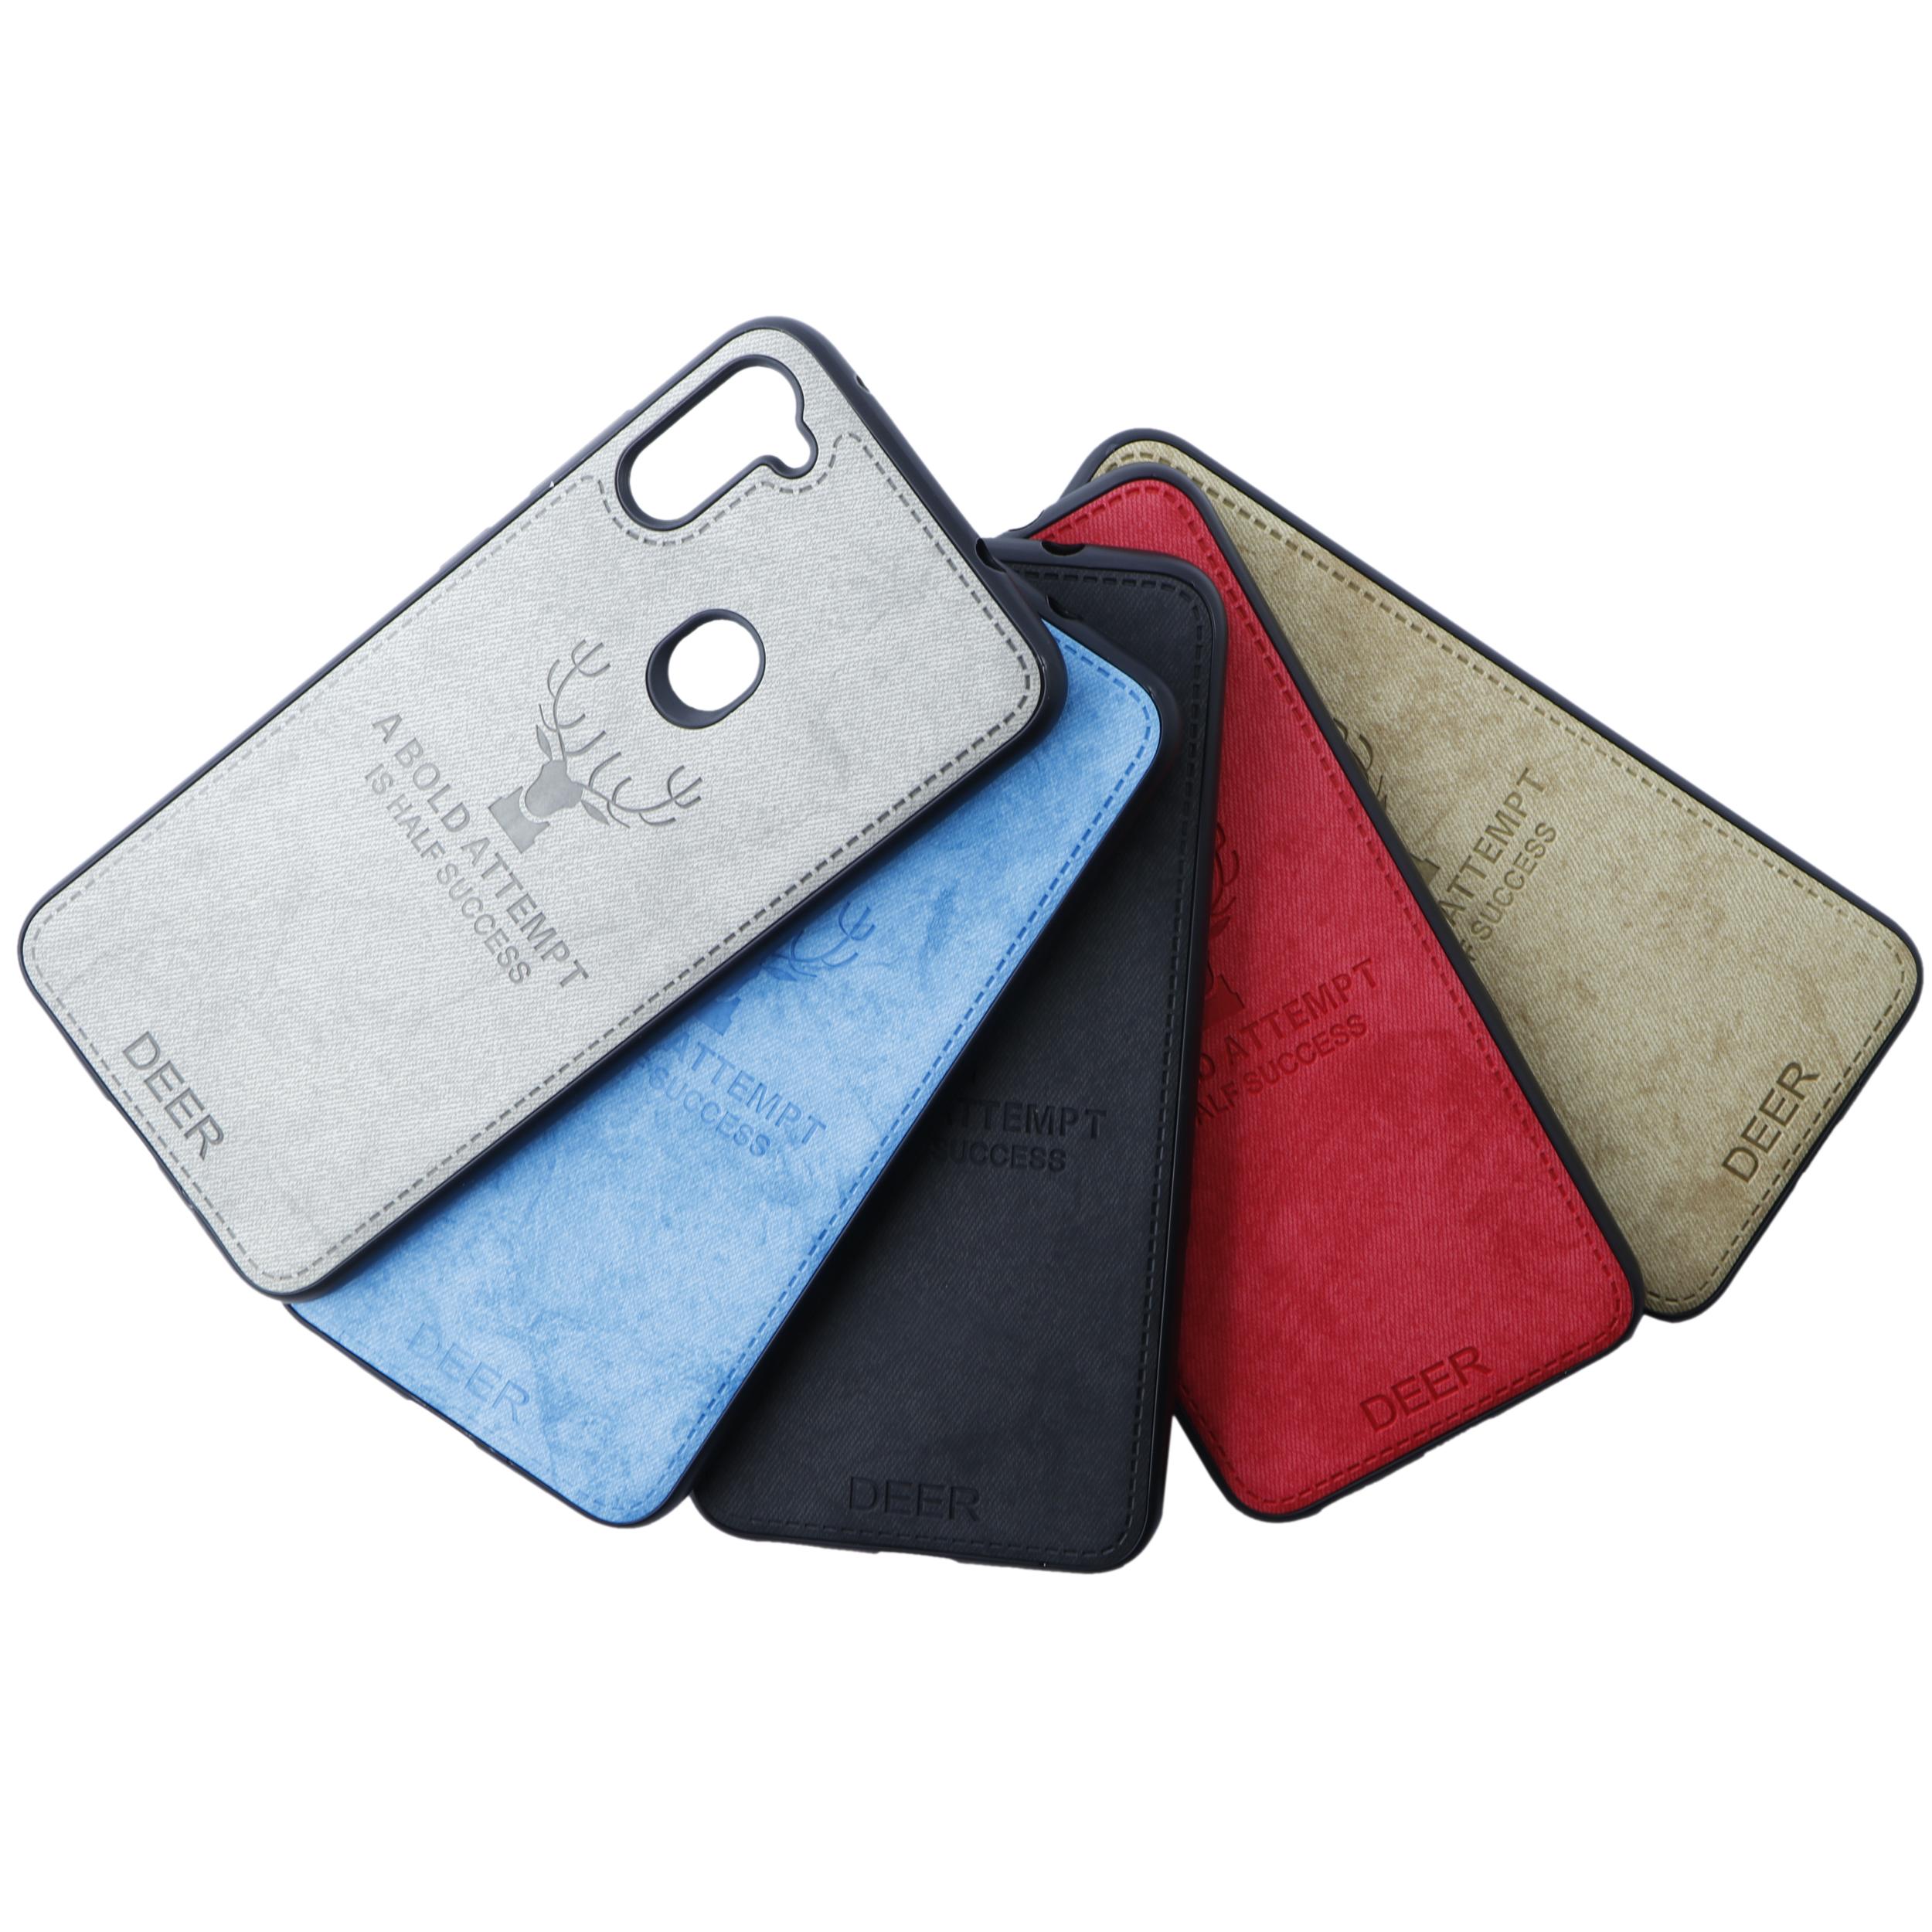 کاور مدل GD-1 مناسب برای گوشی موبایل سامسونگ Galaxy A11 main 1 2